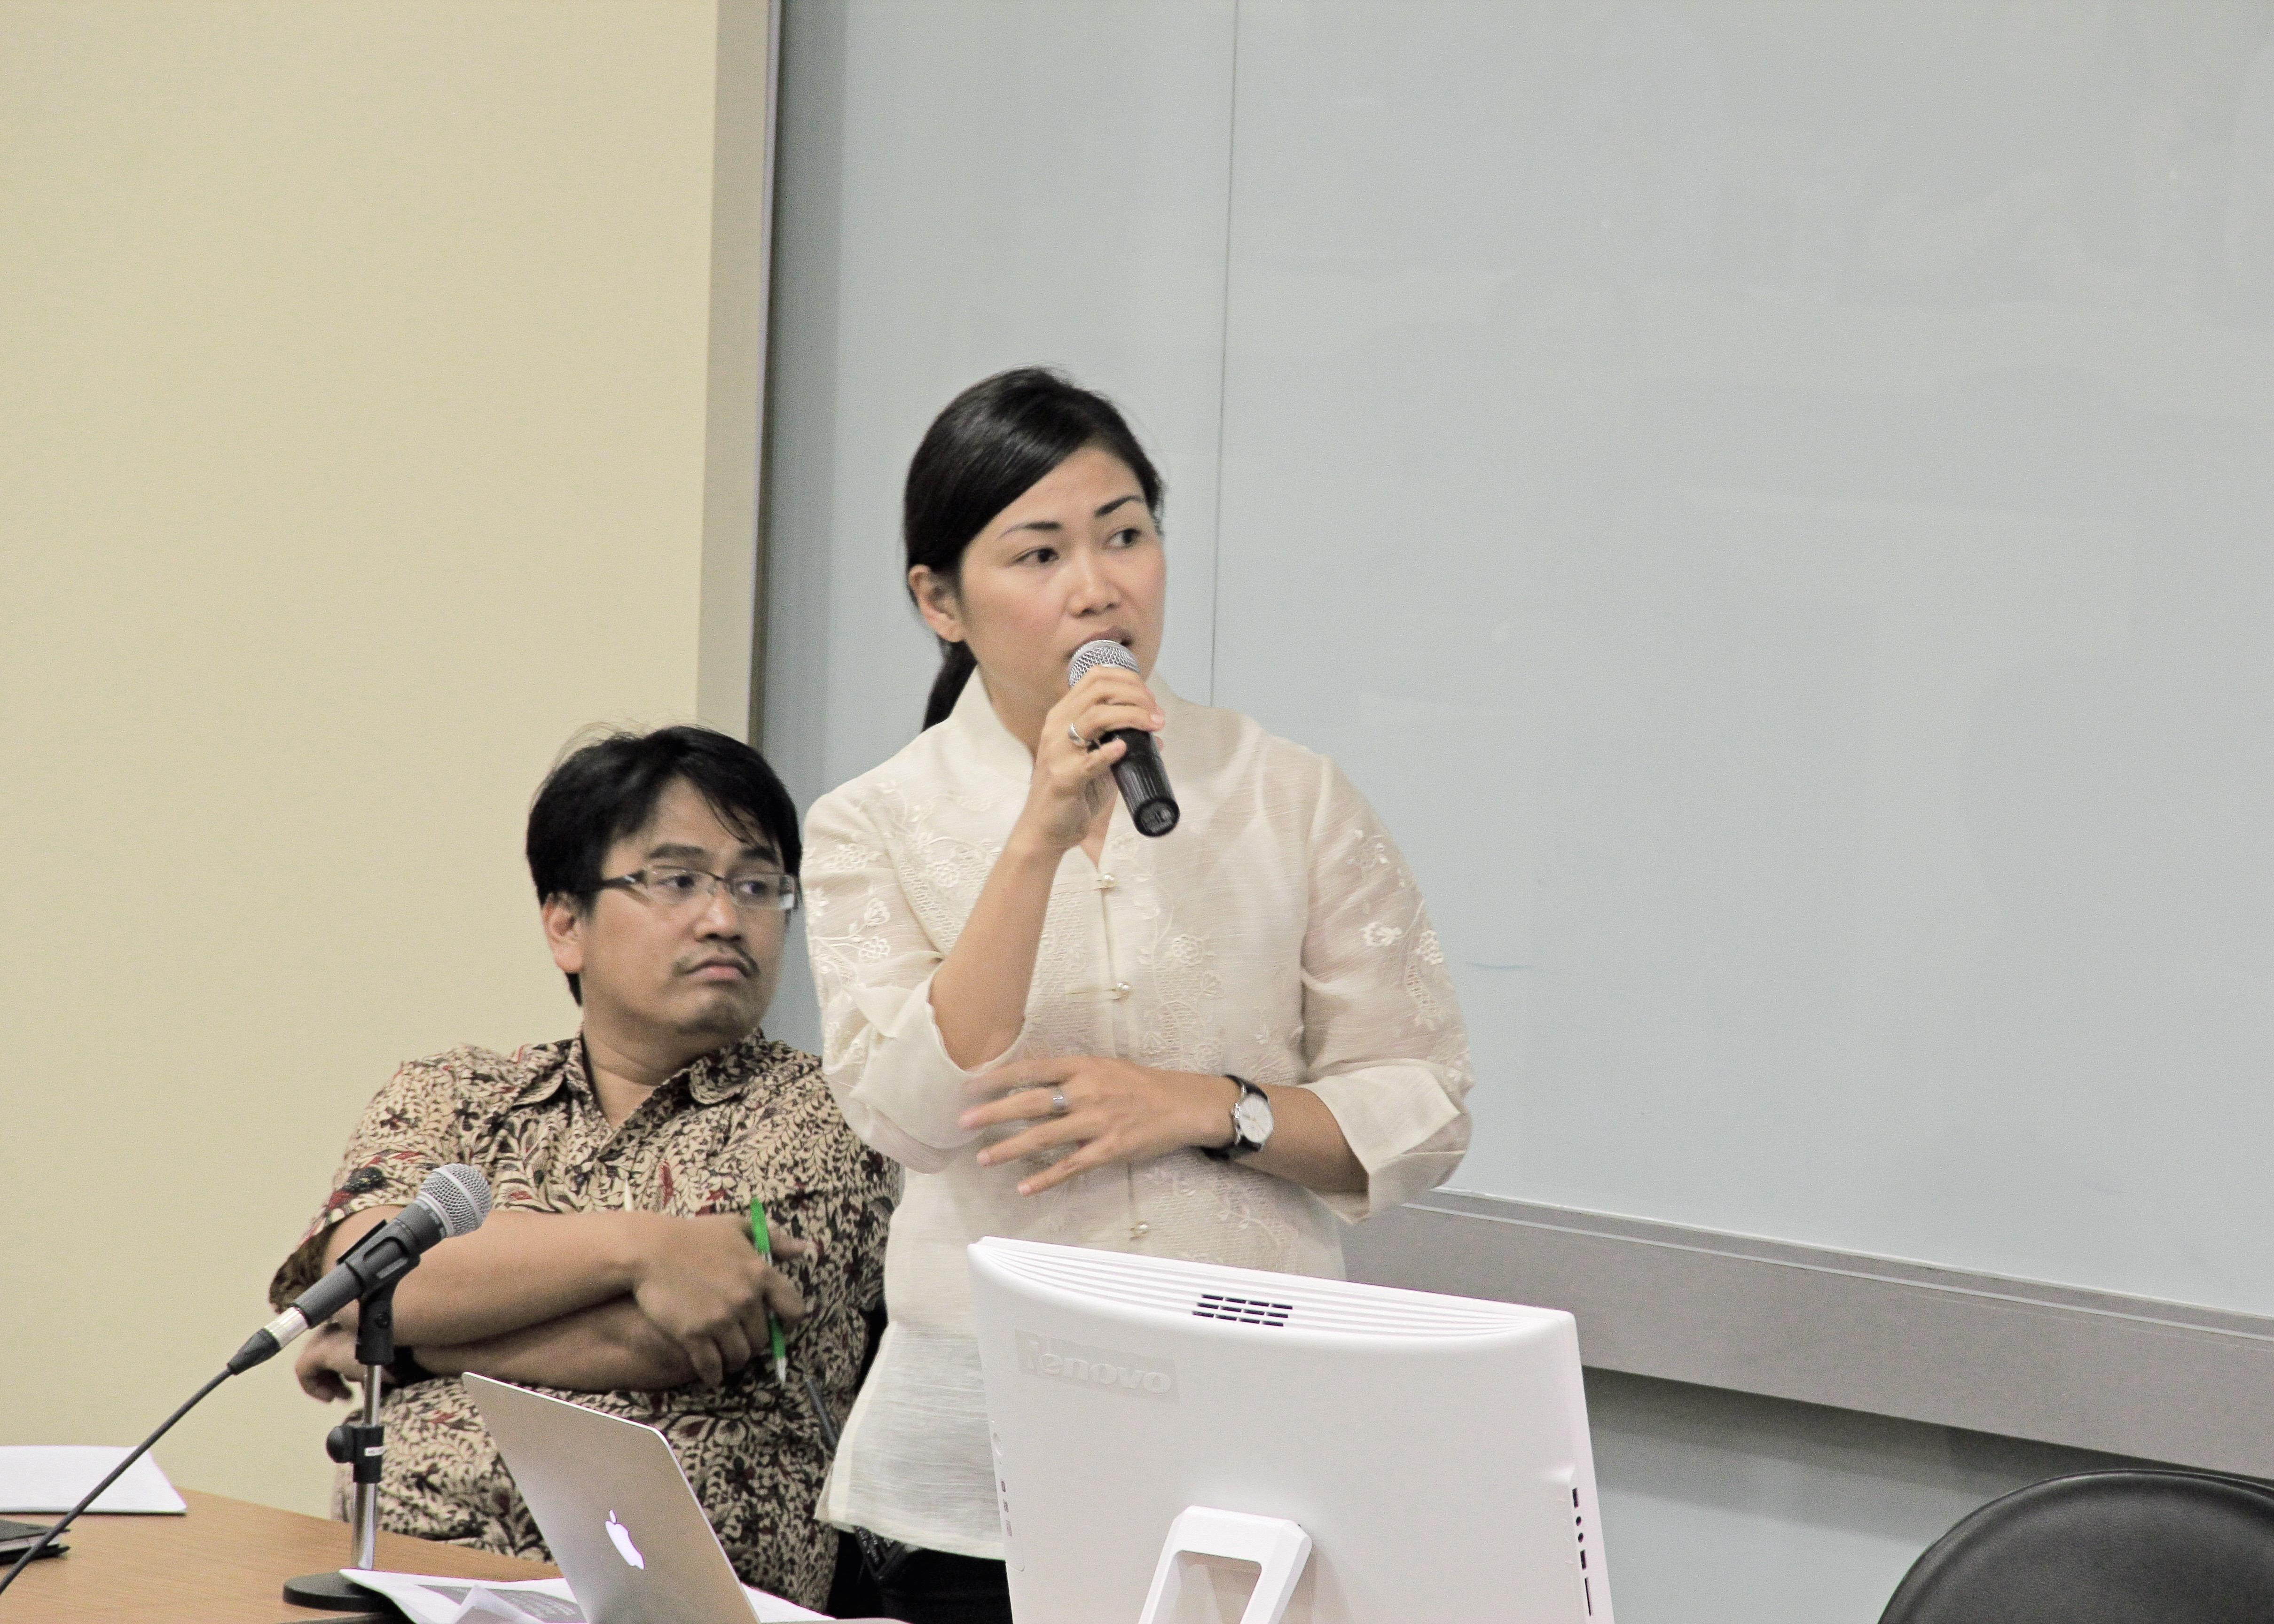 Delos Reyes in Jakarta